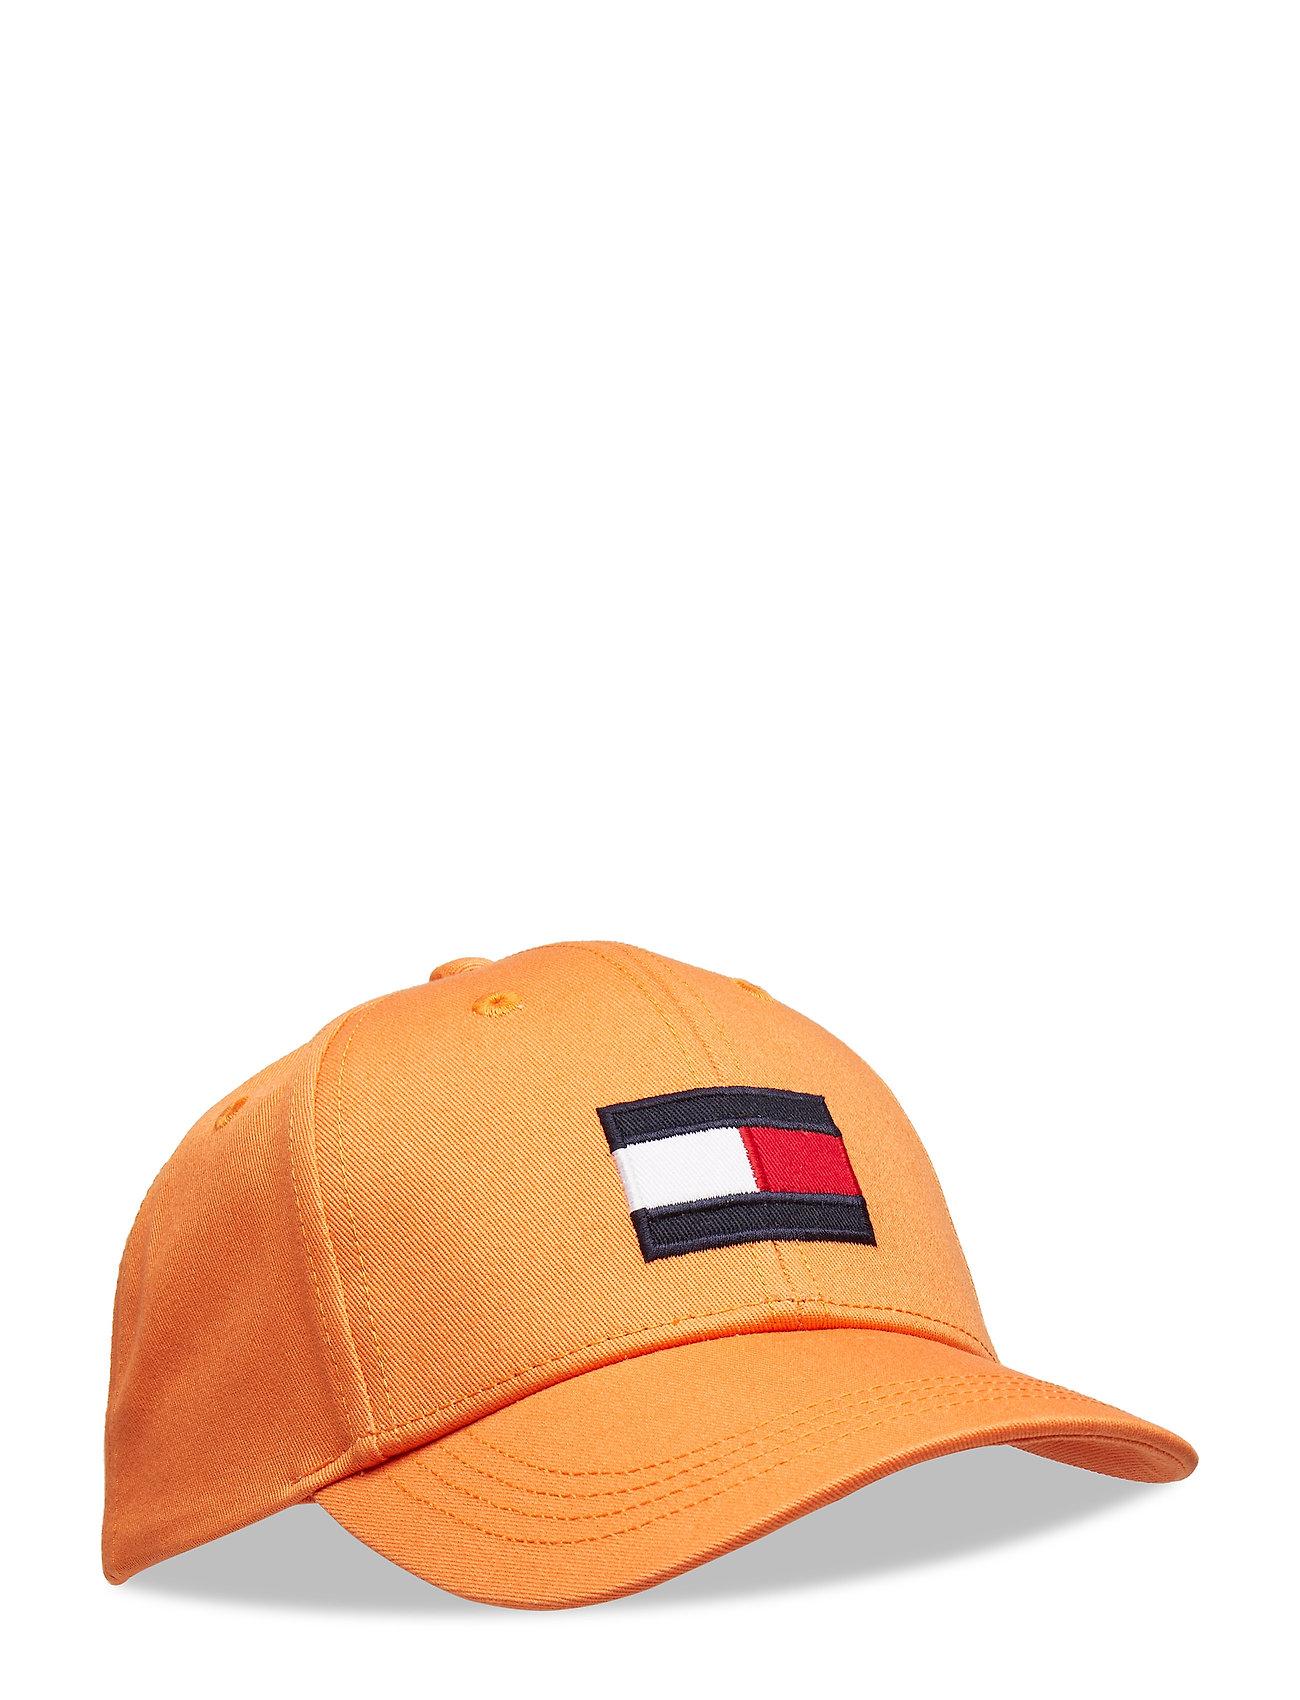 Tommy Hilfiger BIG FLAG CAP - RUSSET ORANGE